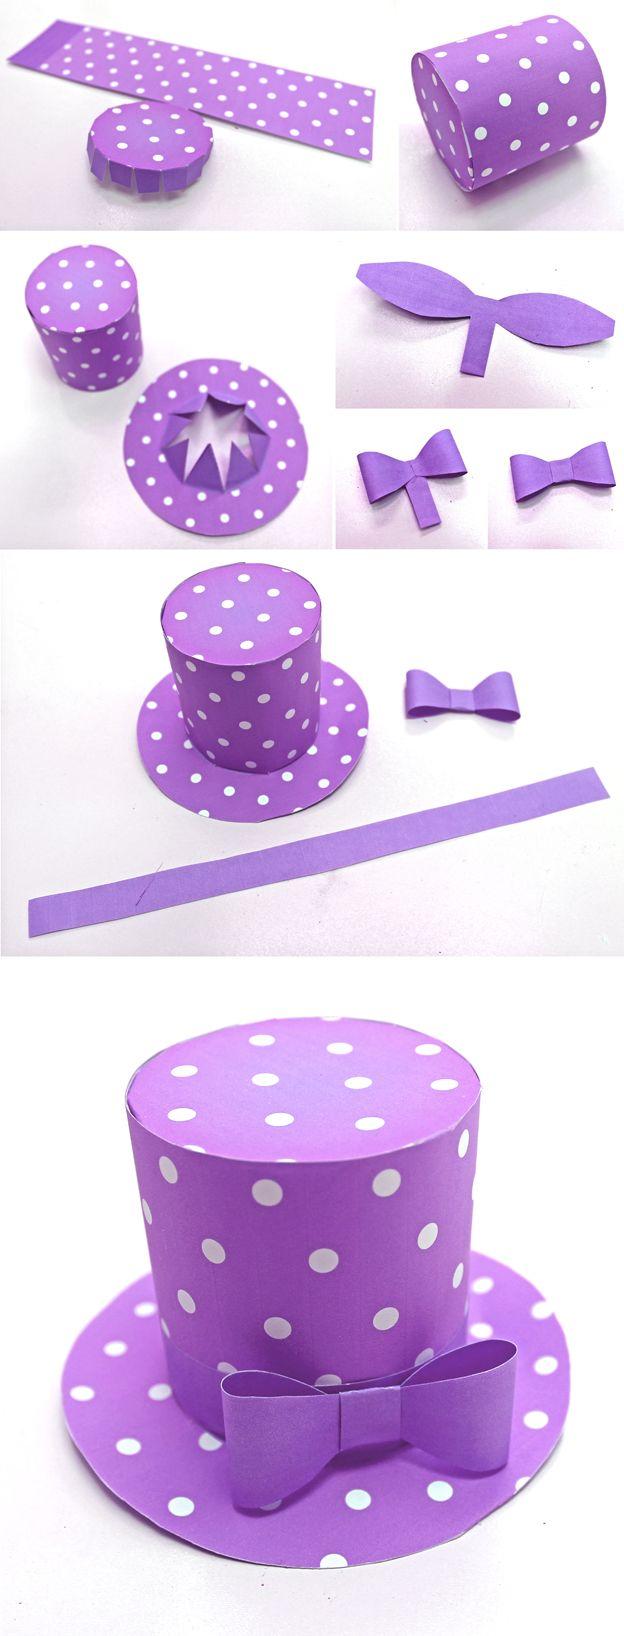 Polka dot mini top hat | Circo, Sombreros locos y Fiestas